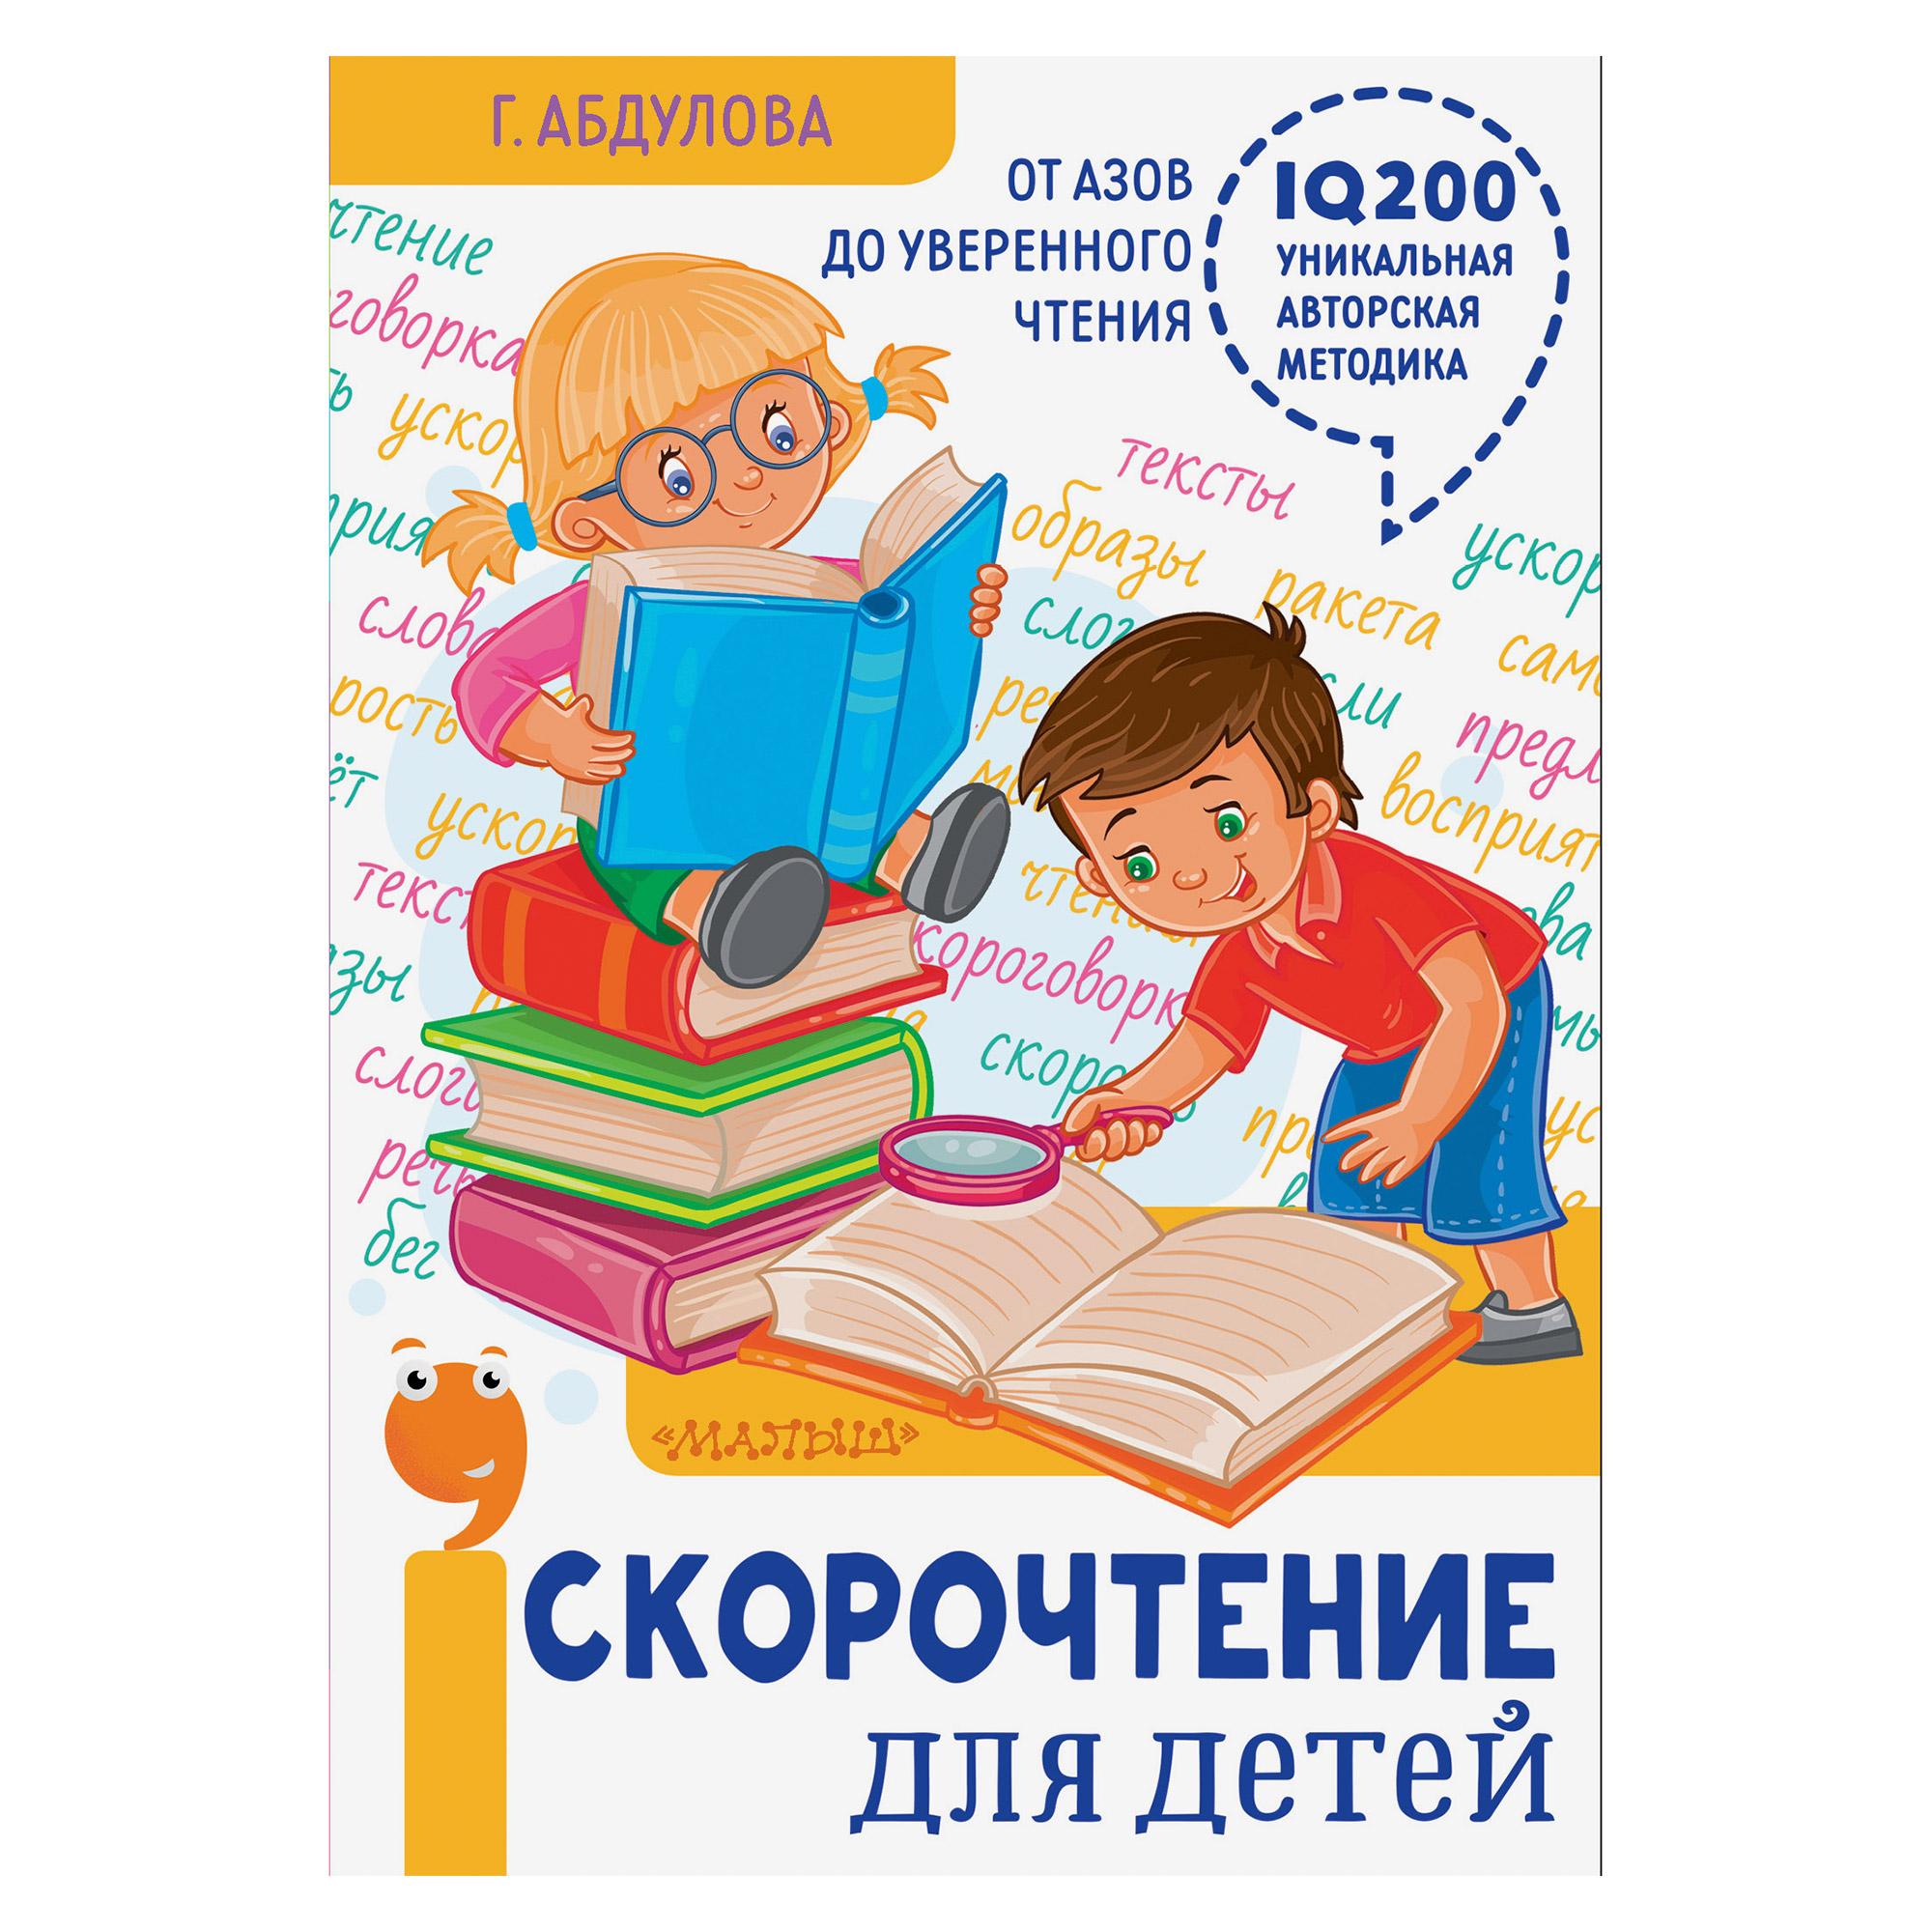 Купить Книга АСТ Скорочтение для детей,